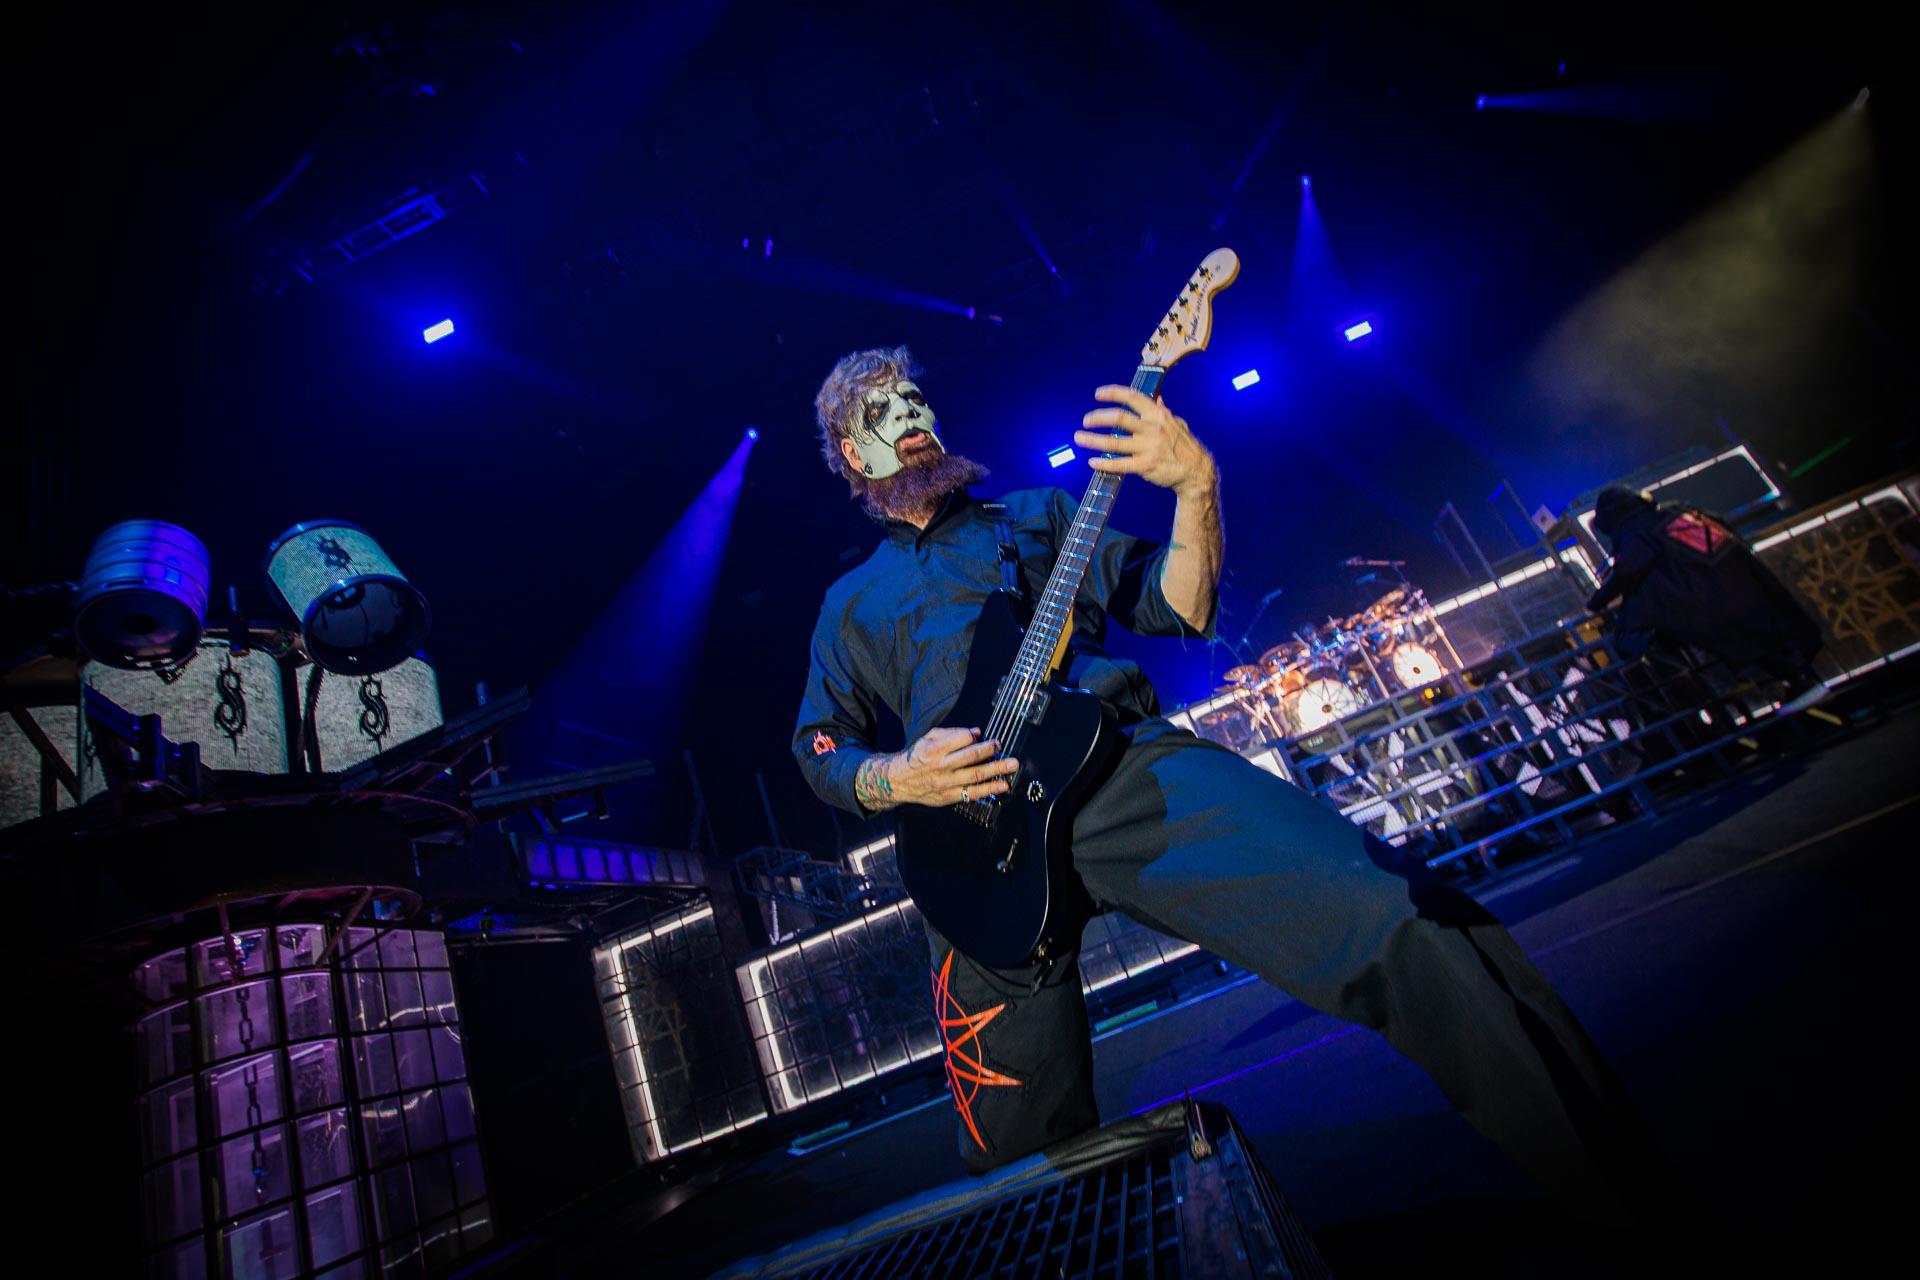 Slipknot_Live_2019_Konzertfotos_Tilo_Klein_68A7805